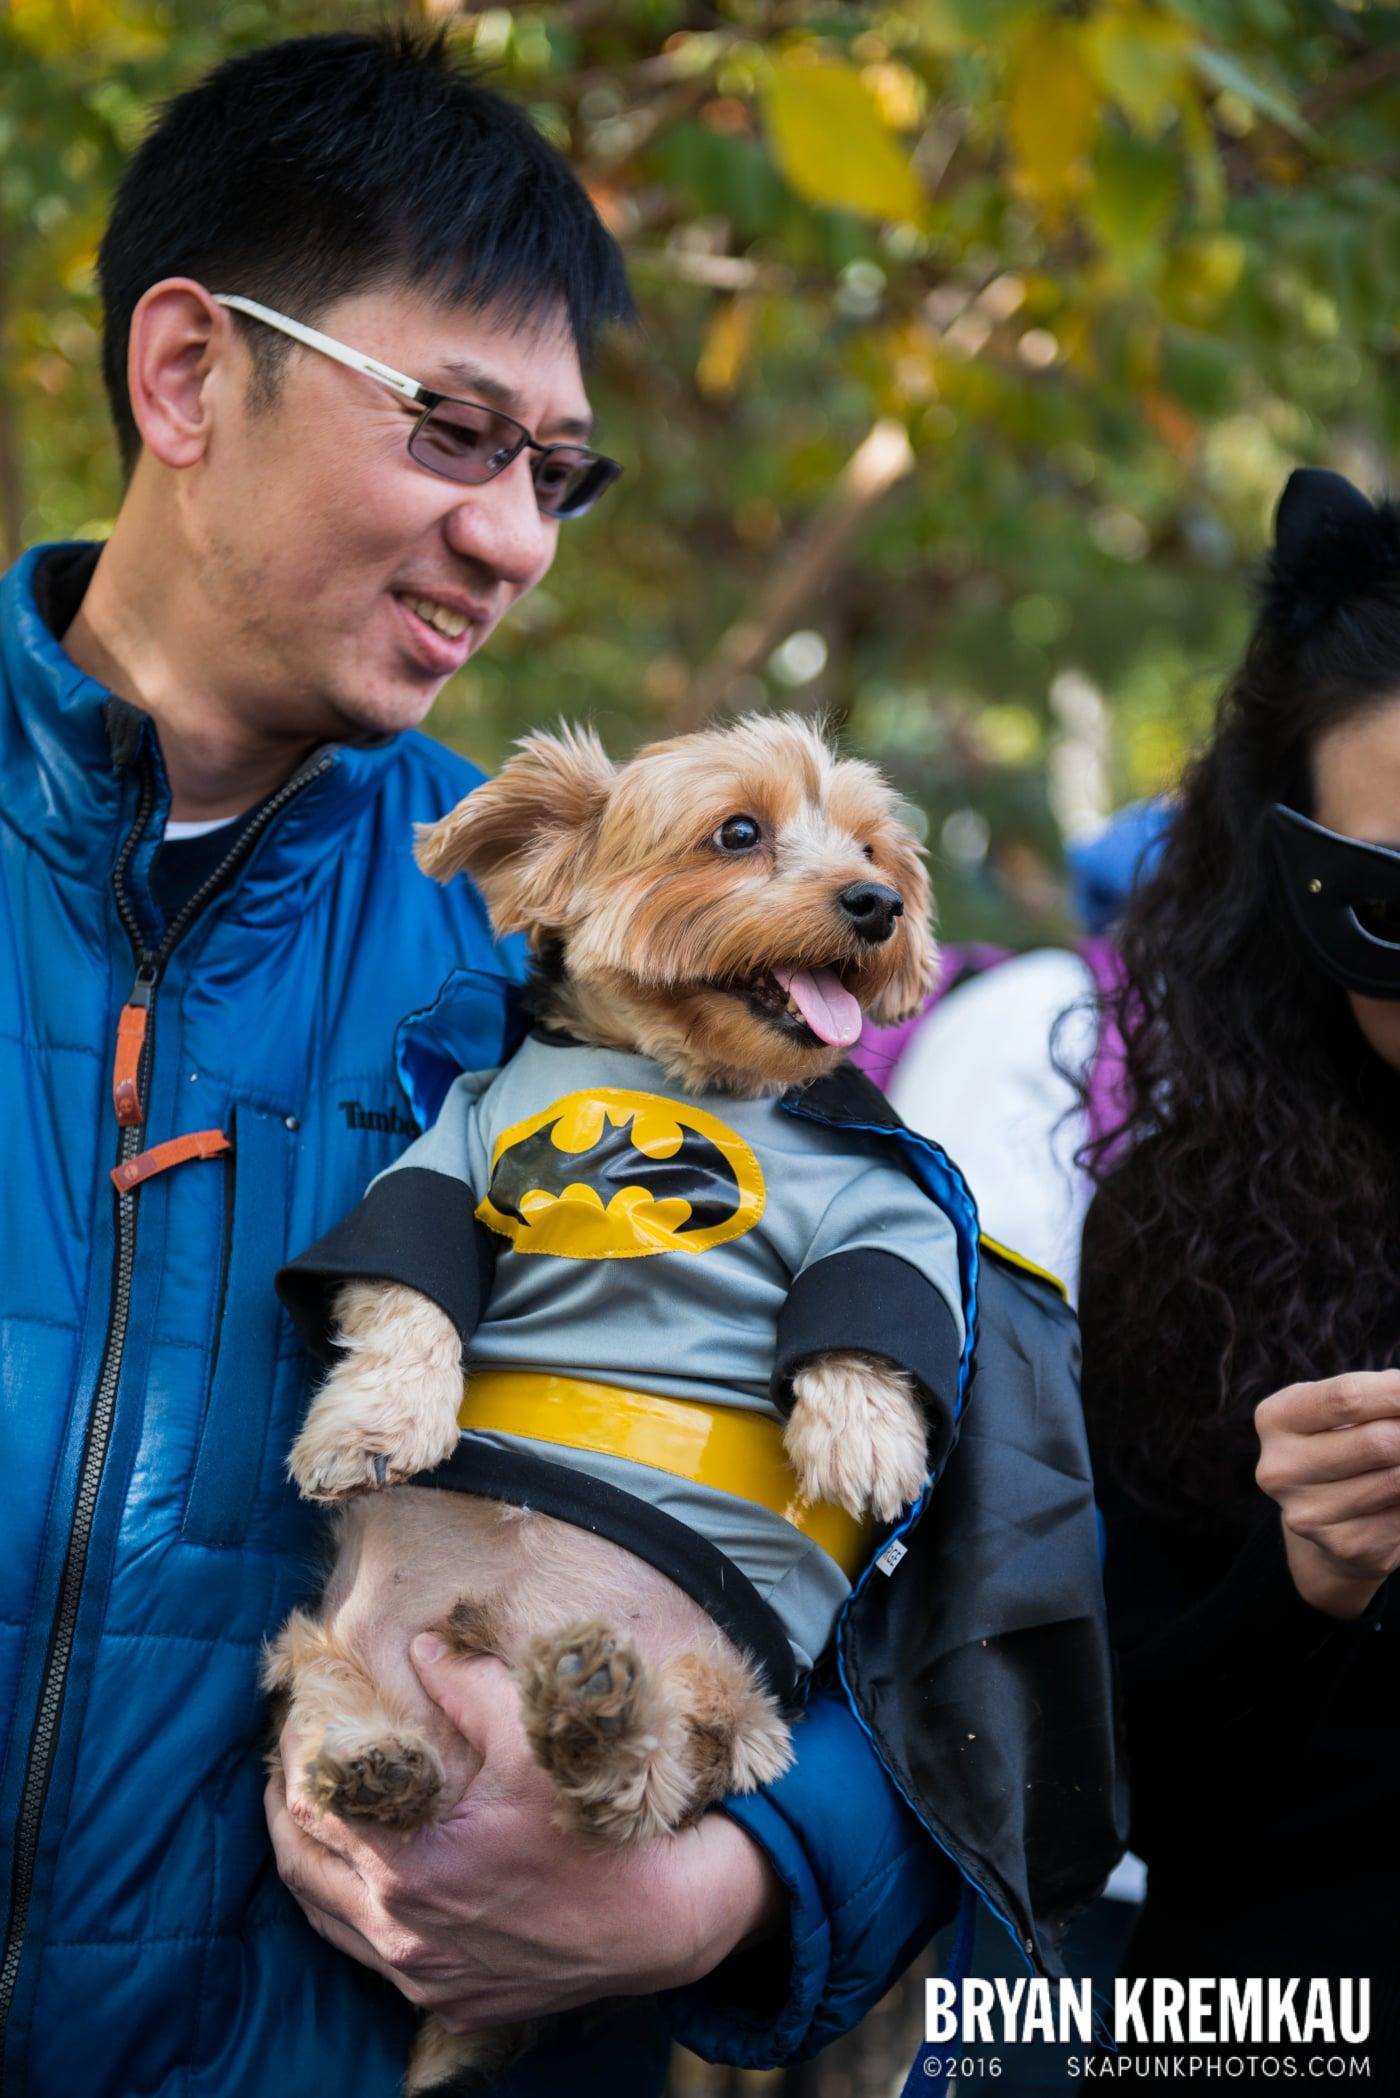 Tompkins Square Halloween Dog Parade 2013 @ Tompkins Square Park, NYC - 10.26.13 (25)